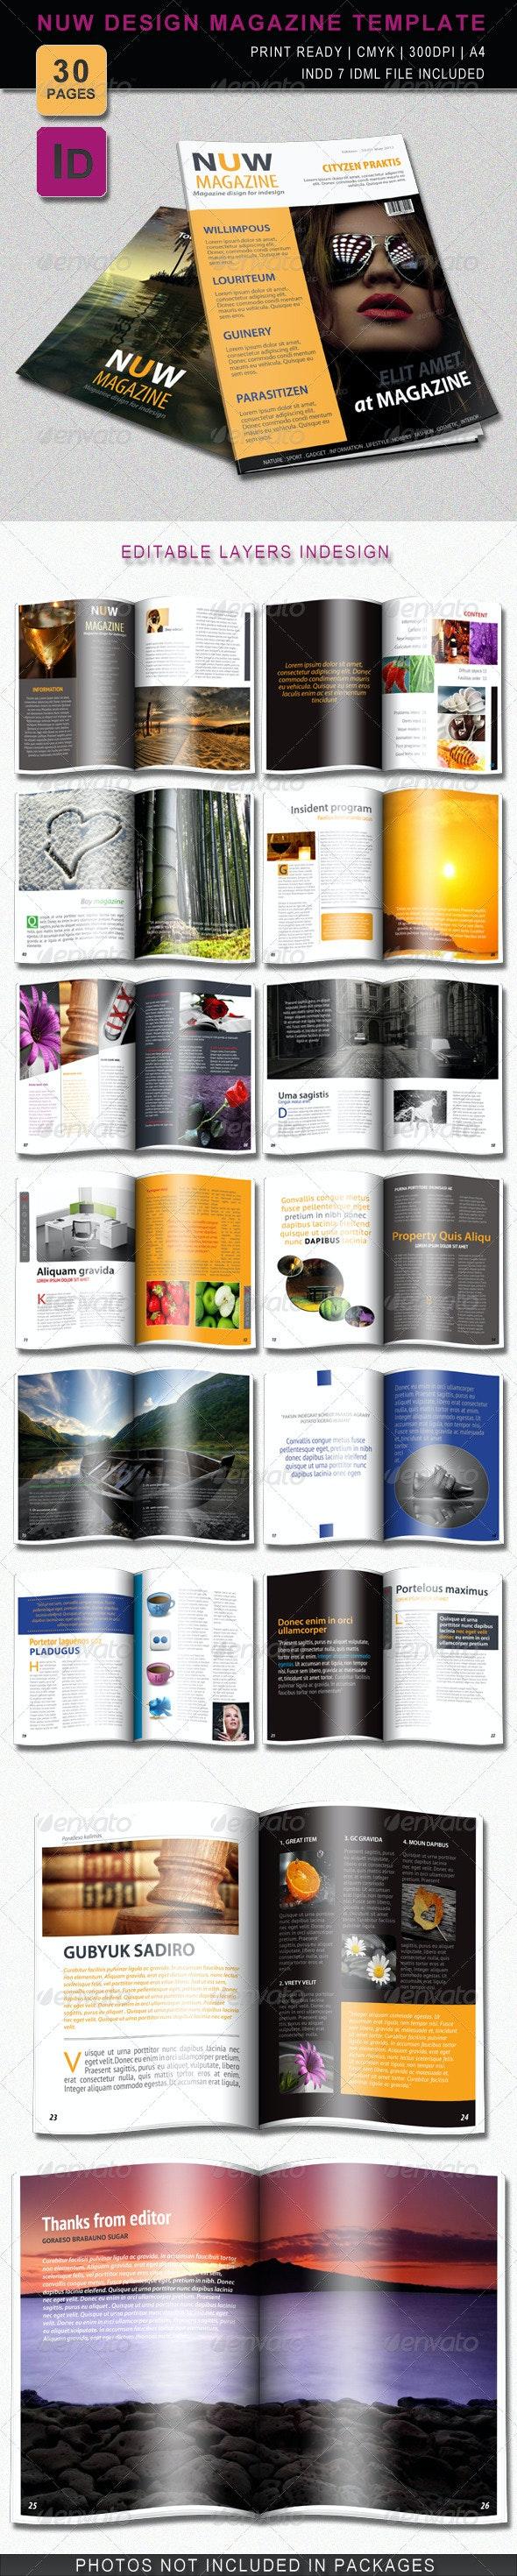 Nuw Design Magazine Template